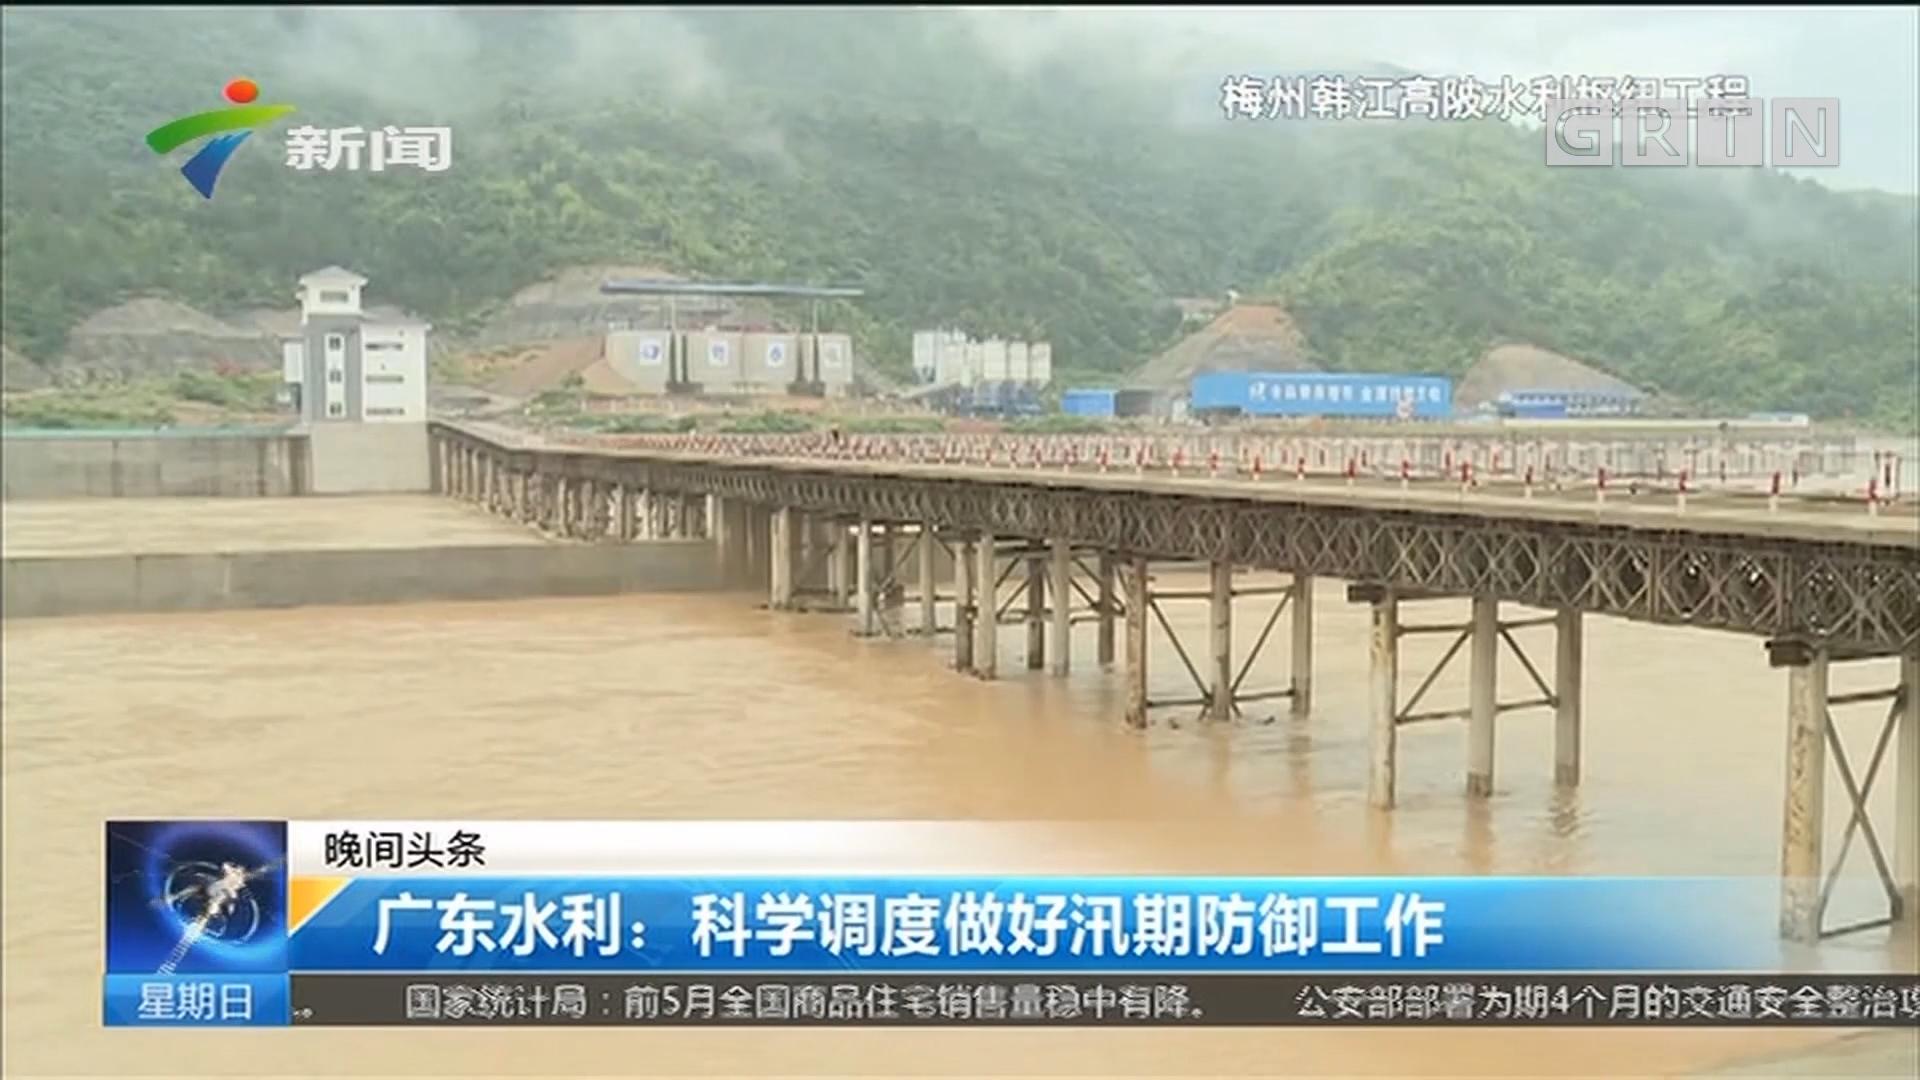 广东水利:科学调度做好汛期防御工作